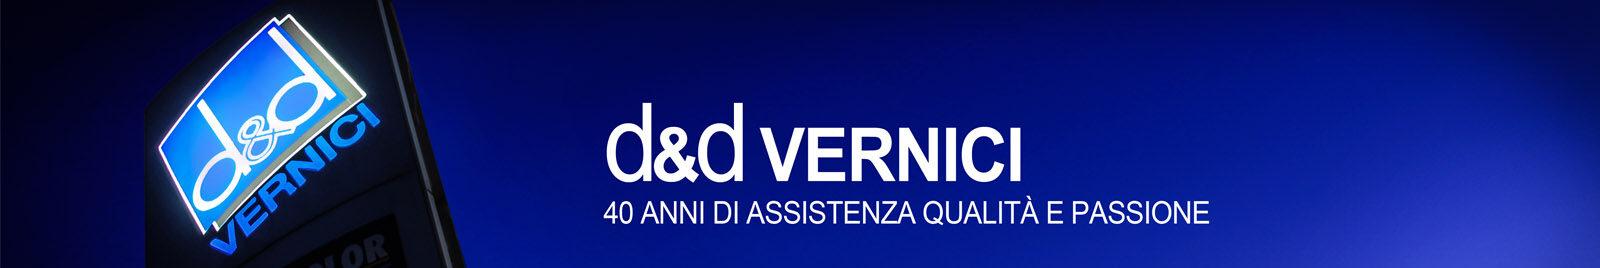 Ded Vernici Bologna